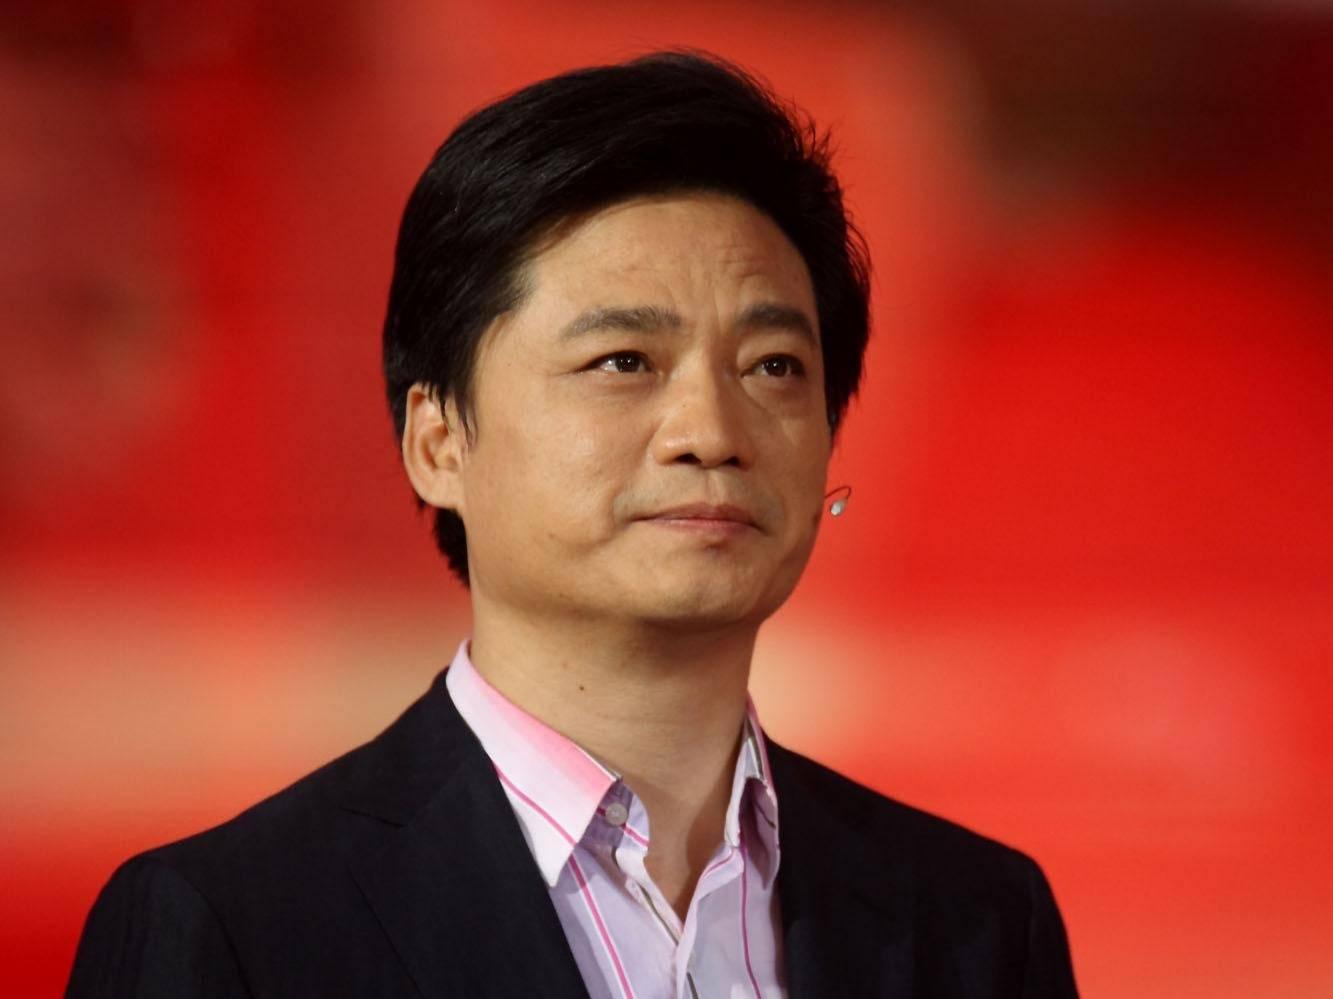 专访崔永元:我对爆的每个料负完全责任